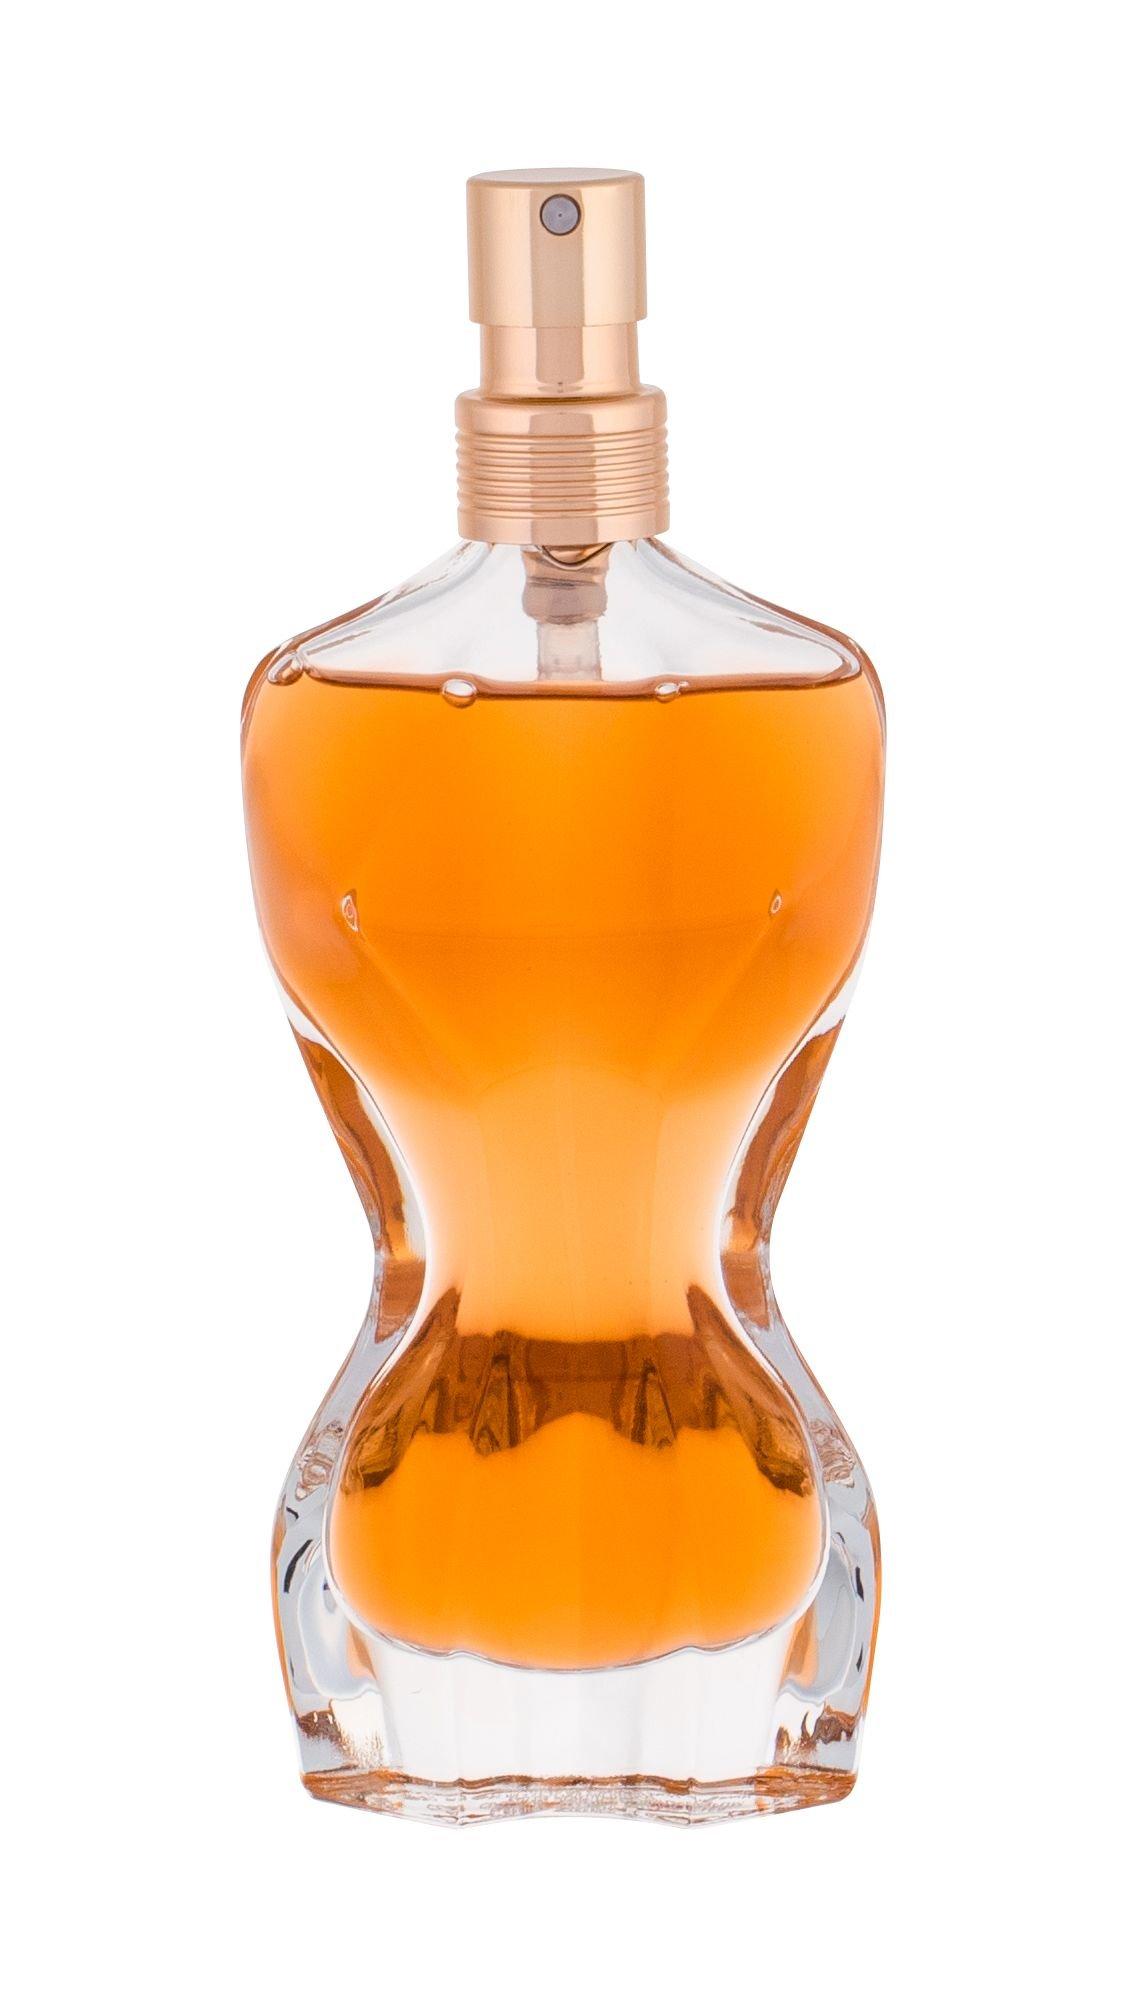 Jean Paul Gaultier Classique Essence de Parfum EDP 50ml